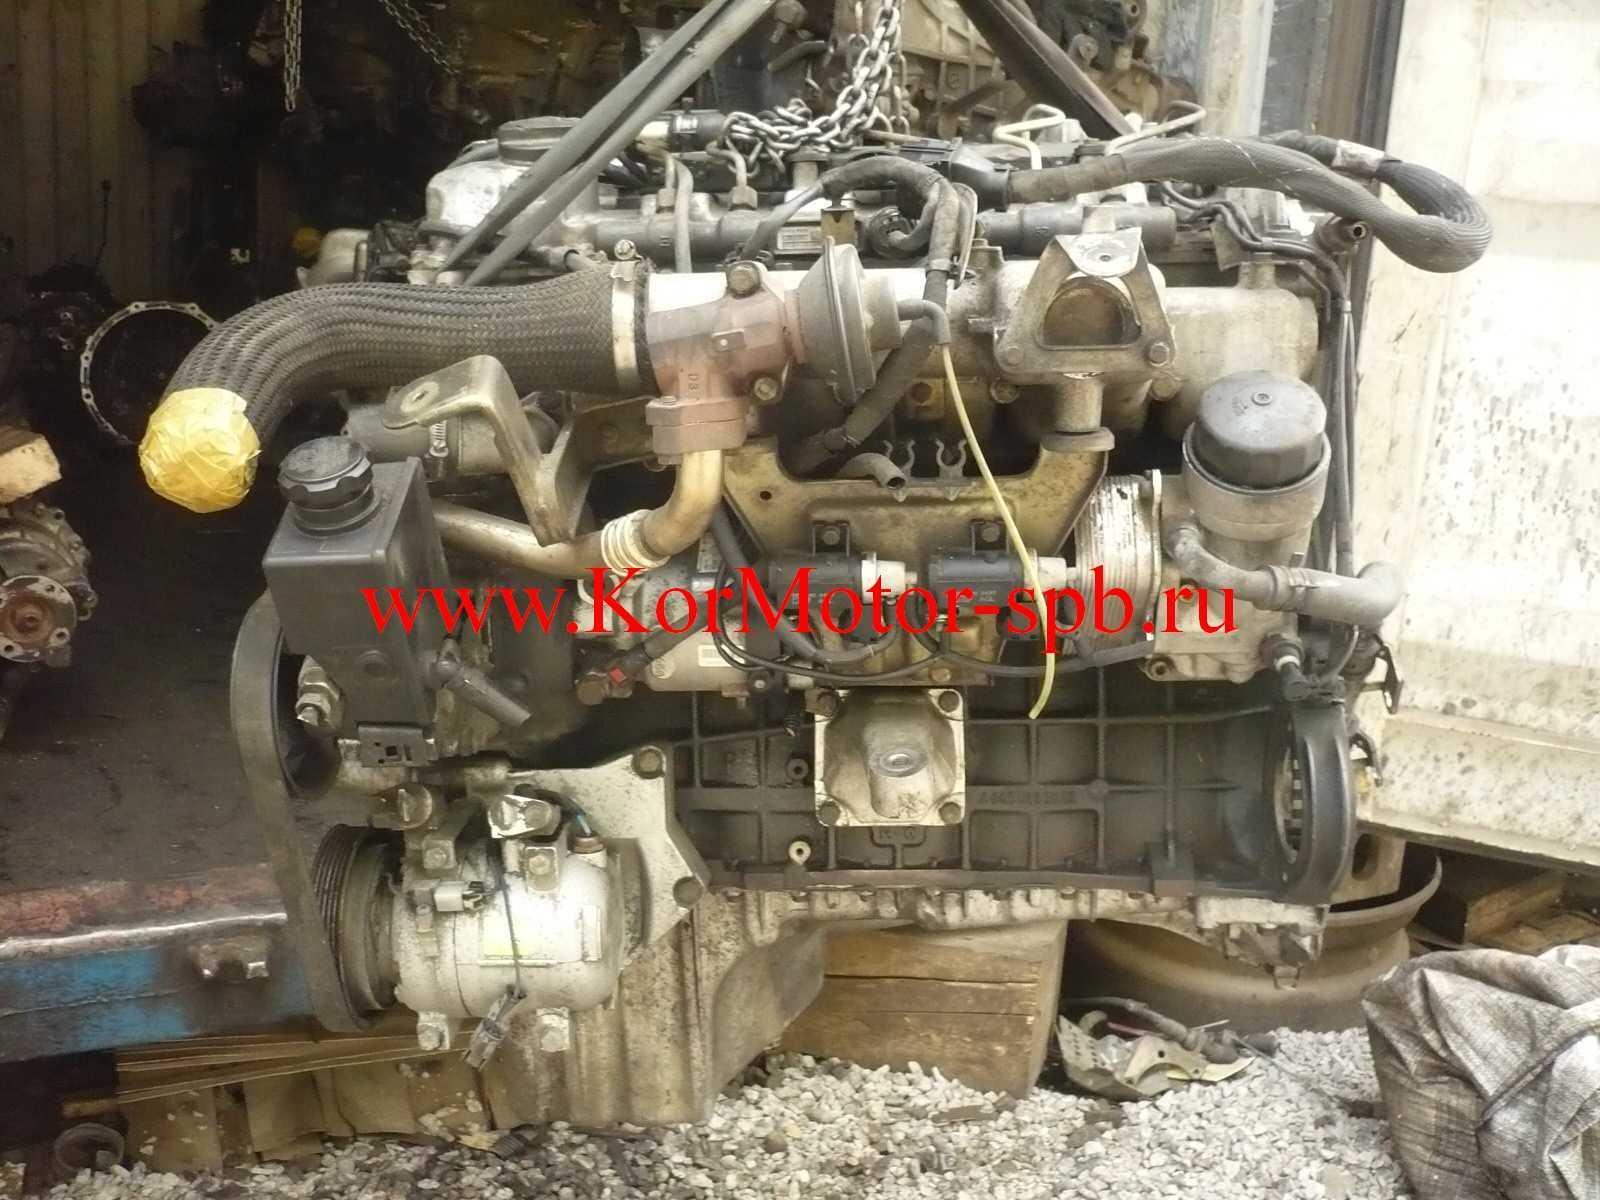 Двигатель Актион, Кайрон, Рекстон 2.7 дизель 665 d27dt